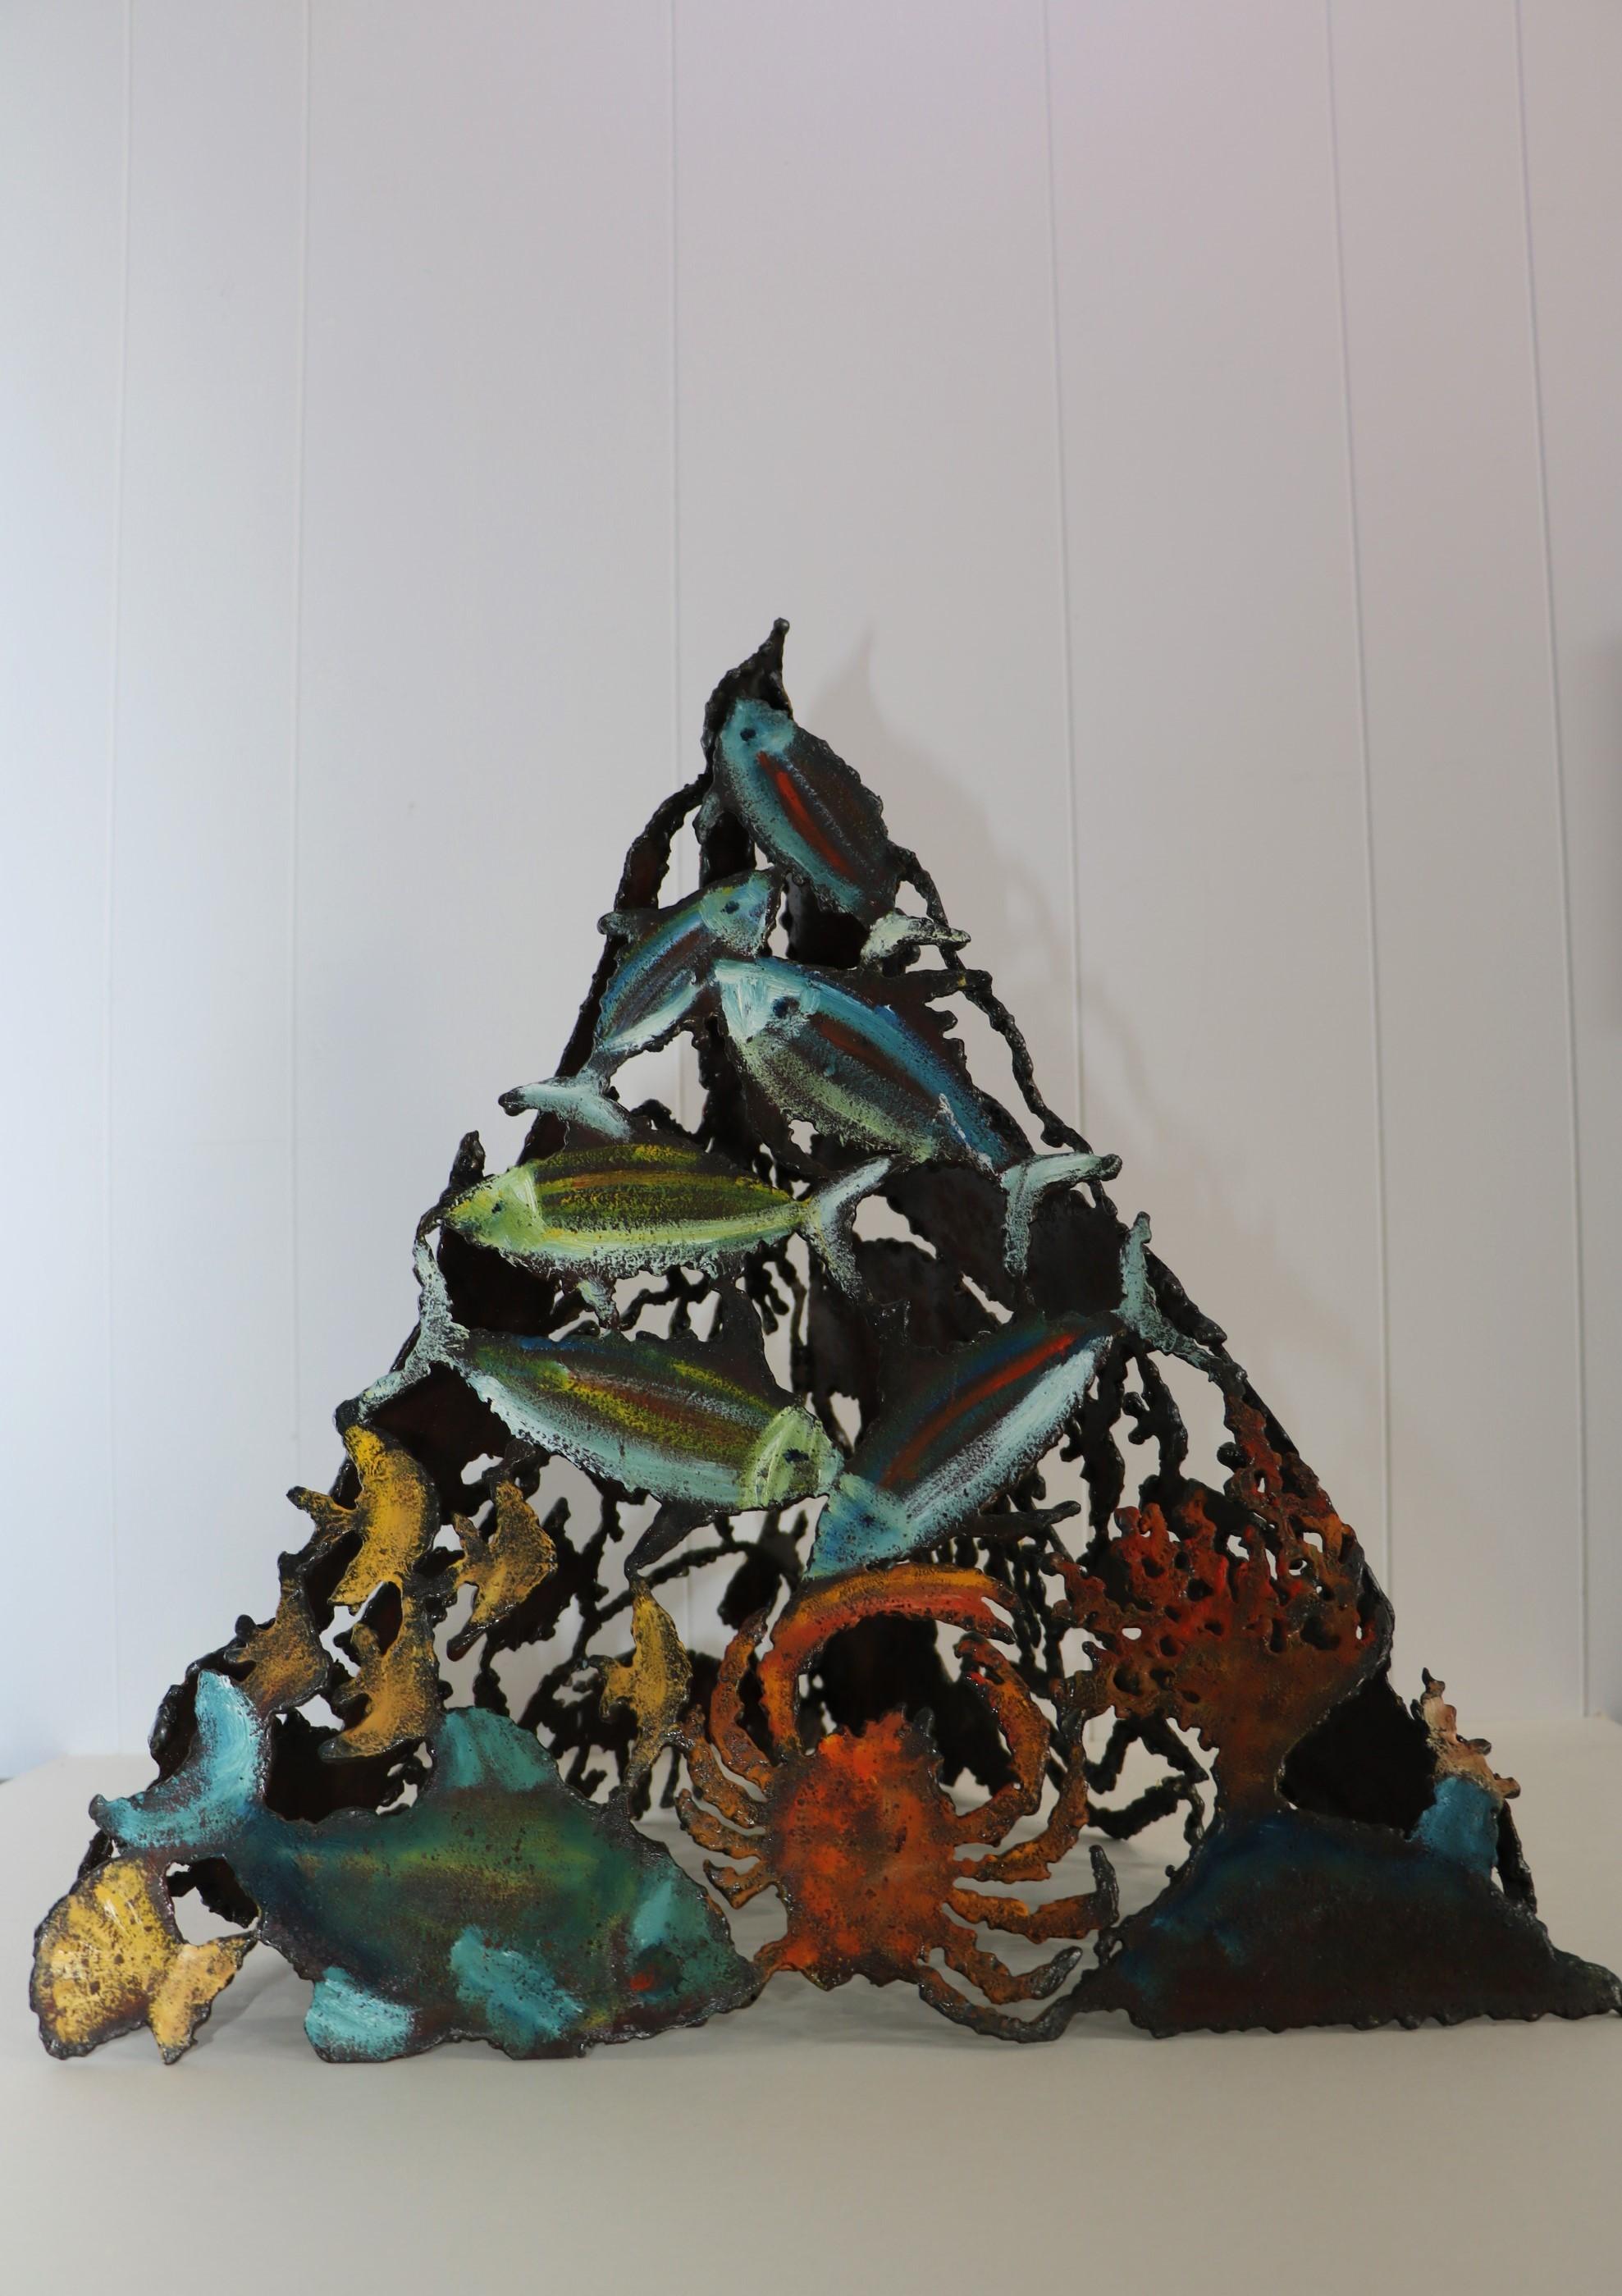 Pyramide marine, face 2. Sculpture sur tôle. Dominique LABESSOULHE.